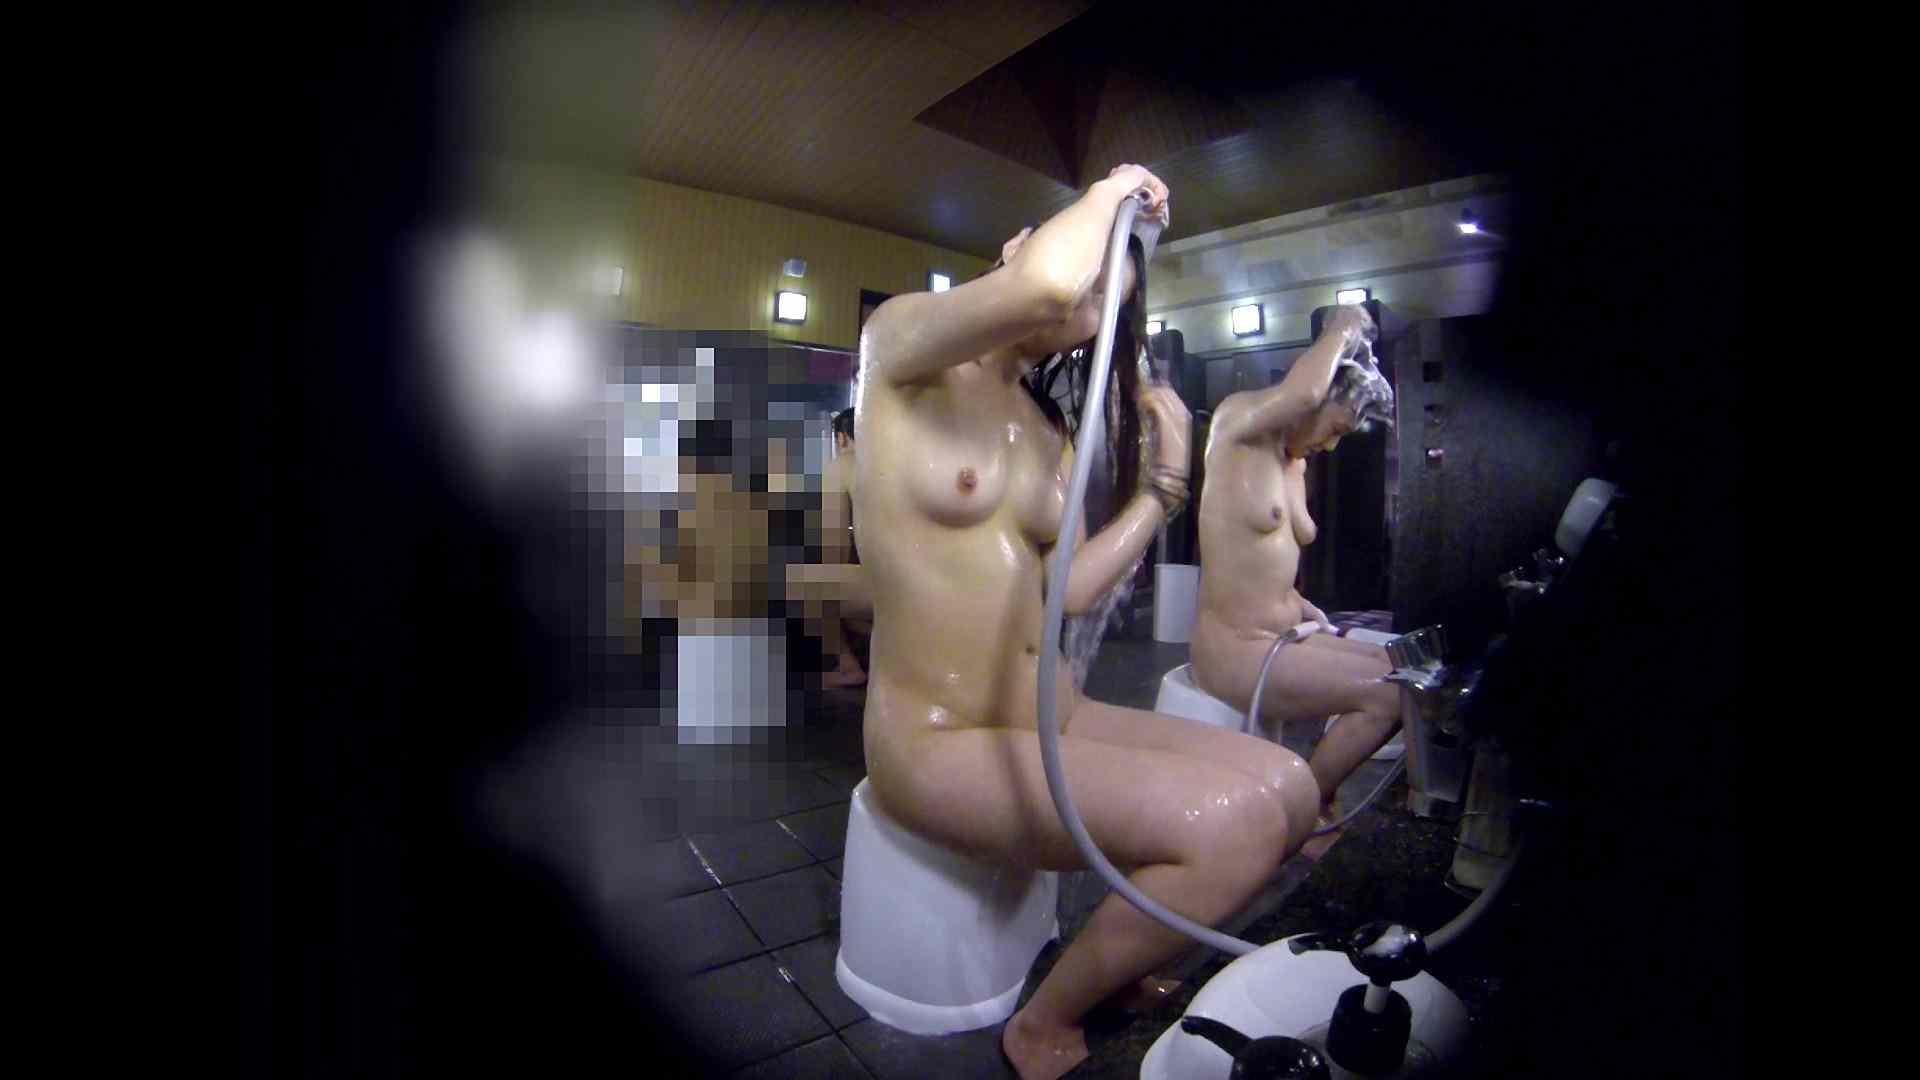 洗い場!好きです!ボリューム満点ボディーな感じが堪りません。 桃色乳首 AV動画キャプチャ 87枚 12